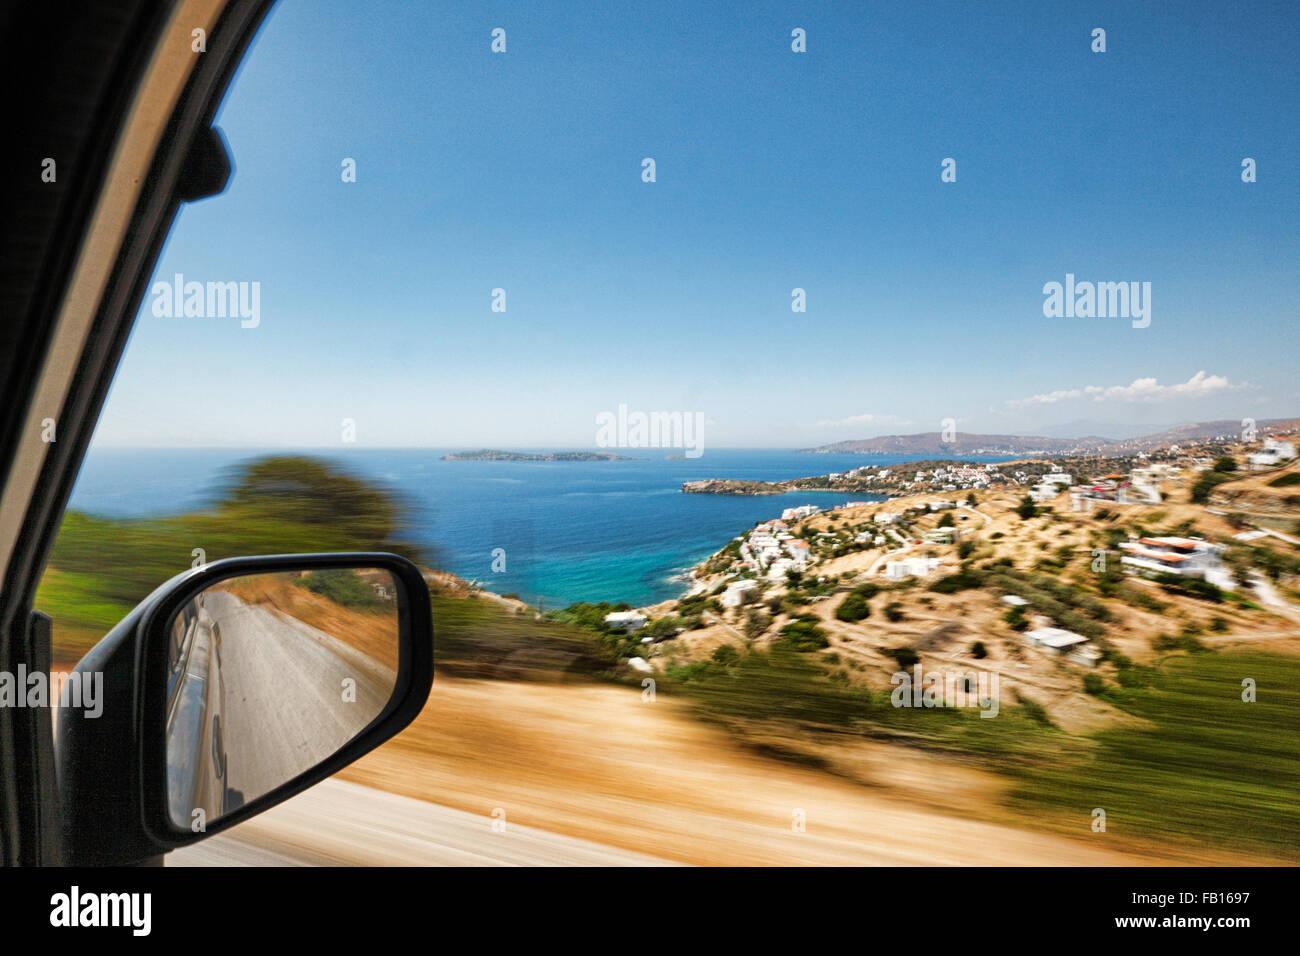 La vista a través de la ventana desde la perspectiva del pasajero en un coche en movimiento viajando alrededor Imagen De Stock